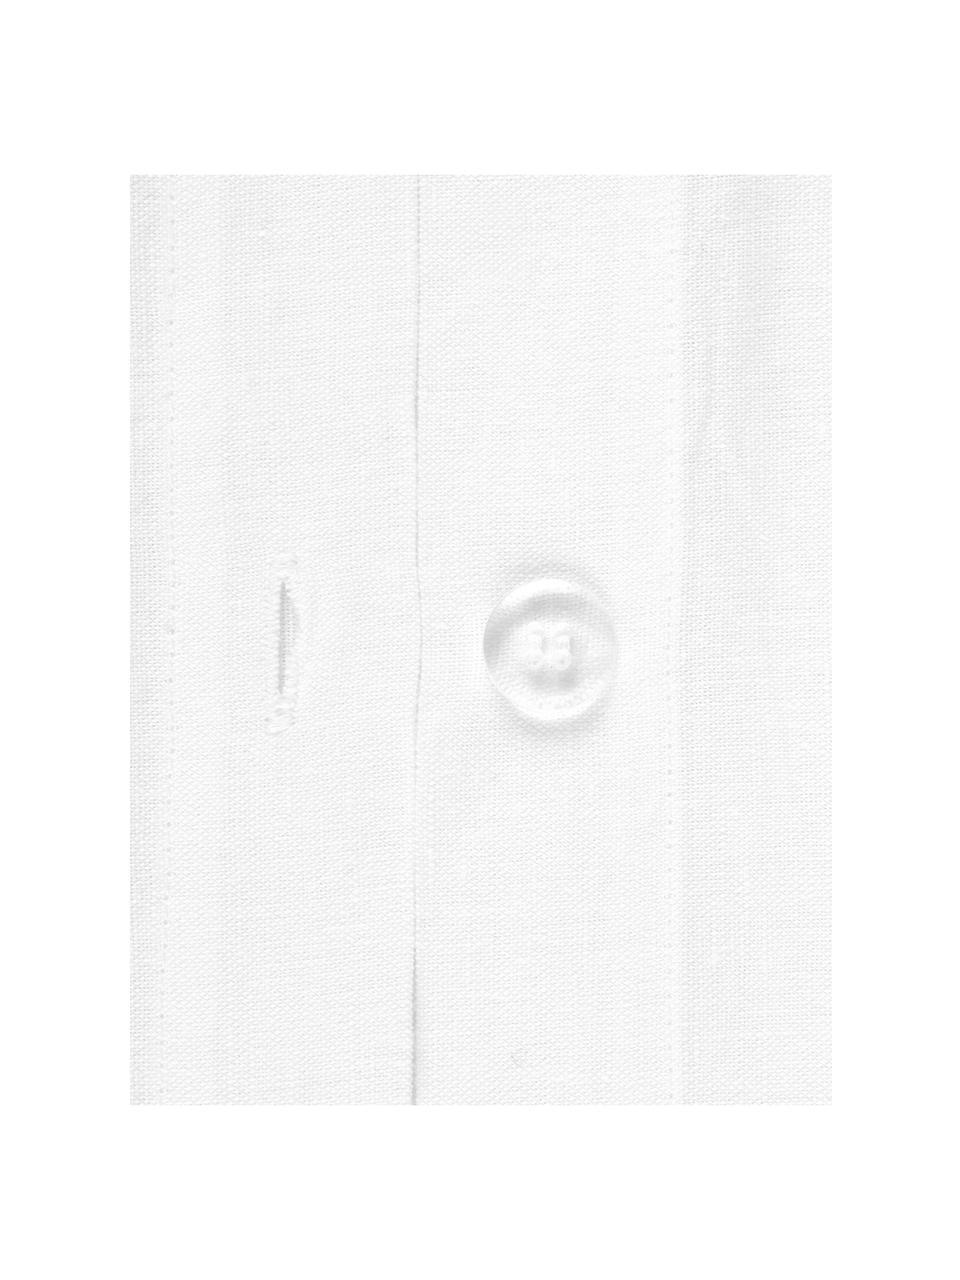 Leinen-Bettwäsche Indica, 52% Leinen, 48% Baumwolle Mit Stonewash-Effekt  Halbleinen hat von Natur aus einen kernigen Griff und einen natürlichen Knitterlook, der durch den Stonewash-Effekt verstärkt wird. Es absorbiert bis zu 35% Luftfeuchtigkeit, trocknet sehr schnell und wirkt in Sommernächten angenehm kühlend. Die hohe Reißfestigkeit macht Halbleinen scheuerfest und strapazierfähig., Weiß, 240 x 220 cm